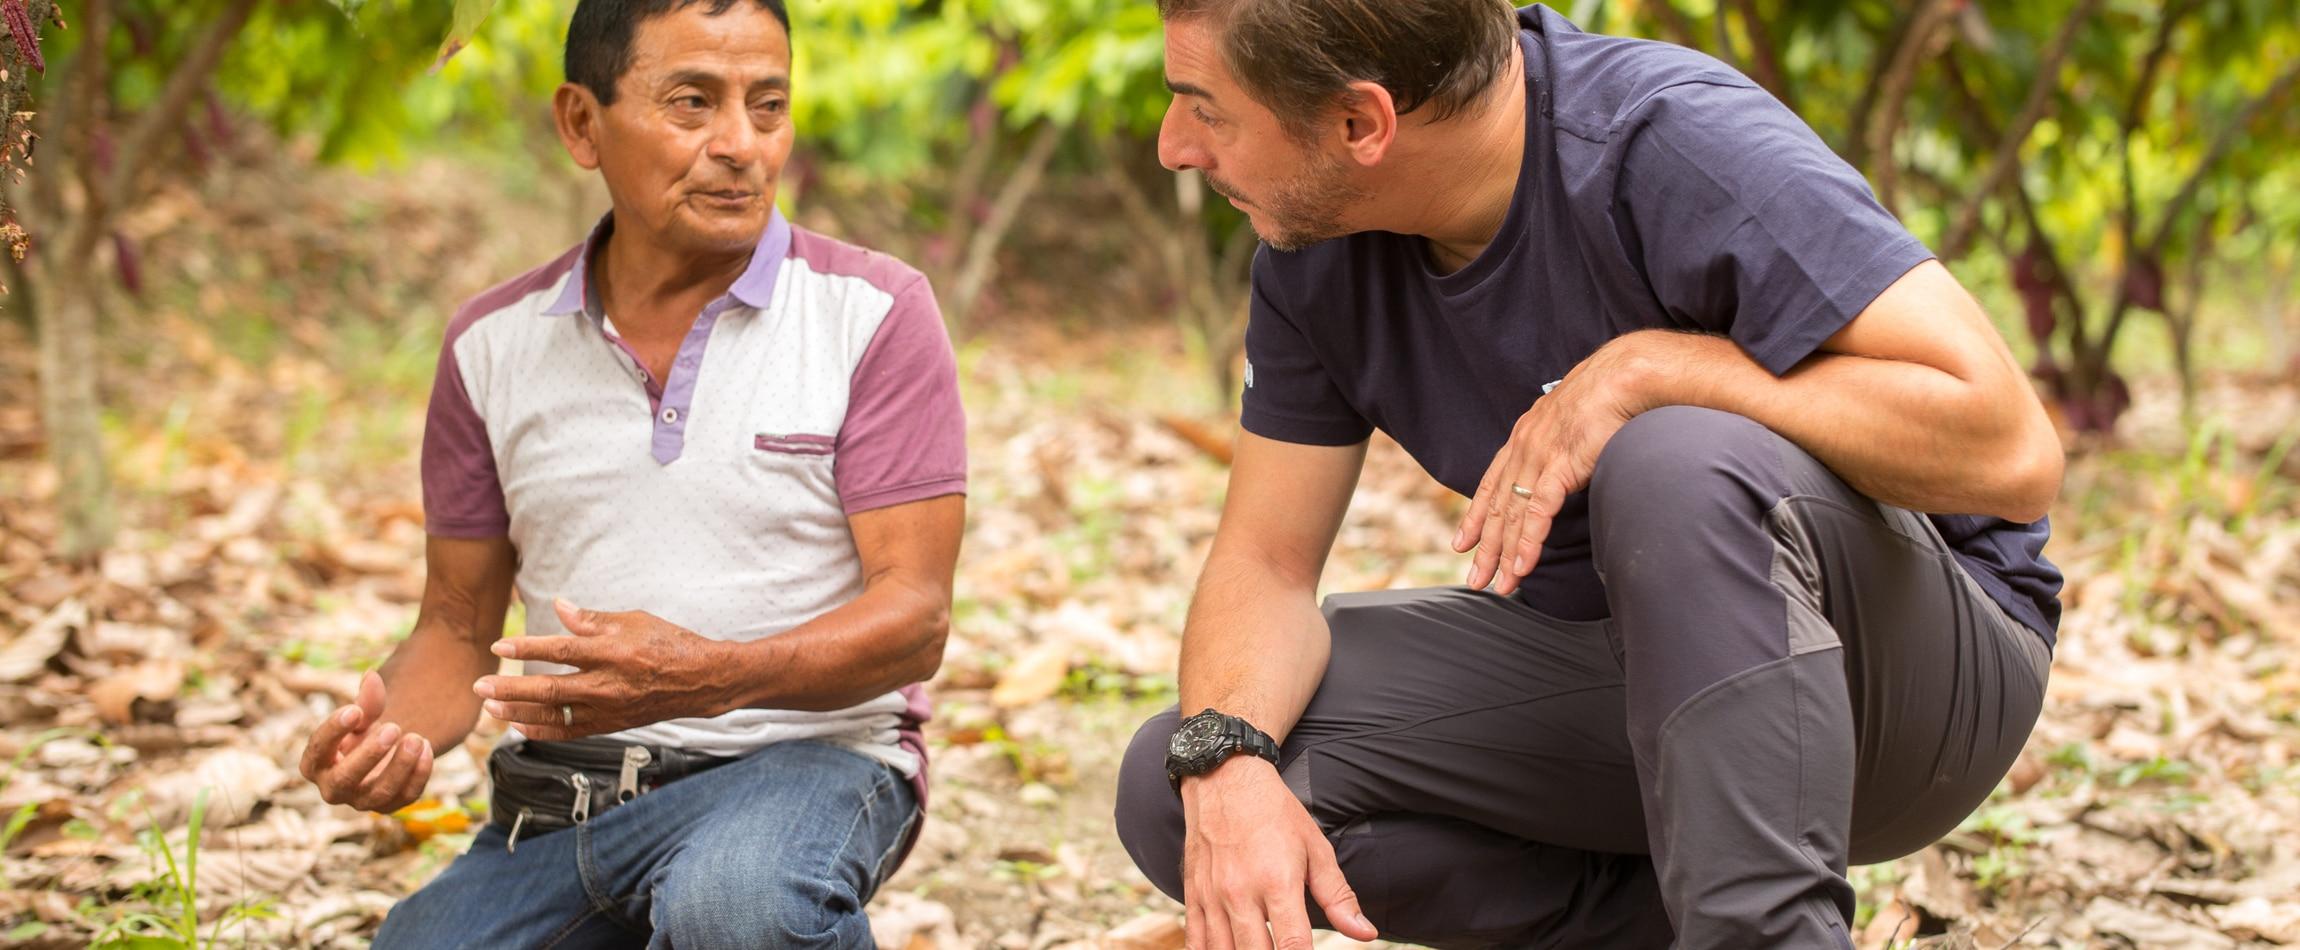 Jordi Roca escucha al experto de cacao Oscar Velásquez hablando sobre la sustitución que se hace a través de injertos